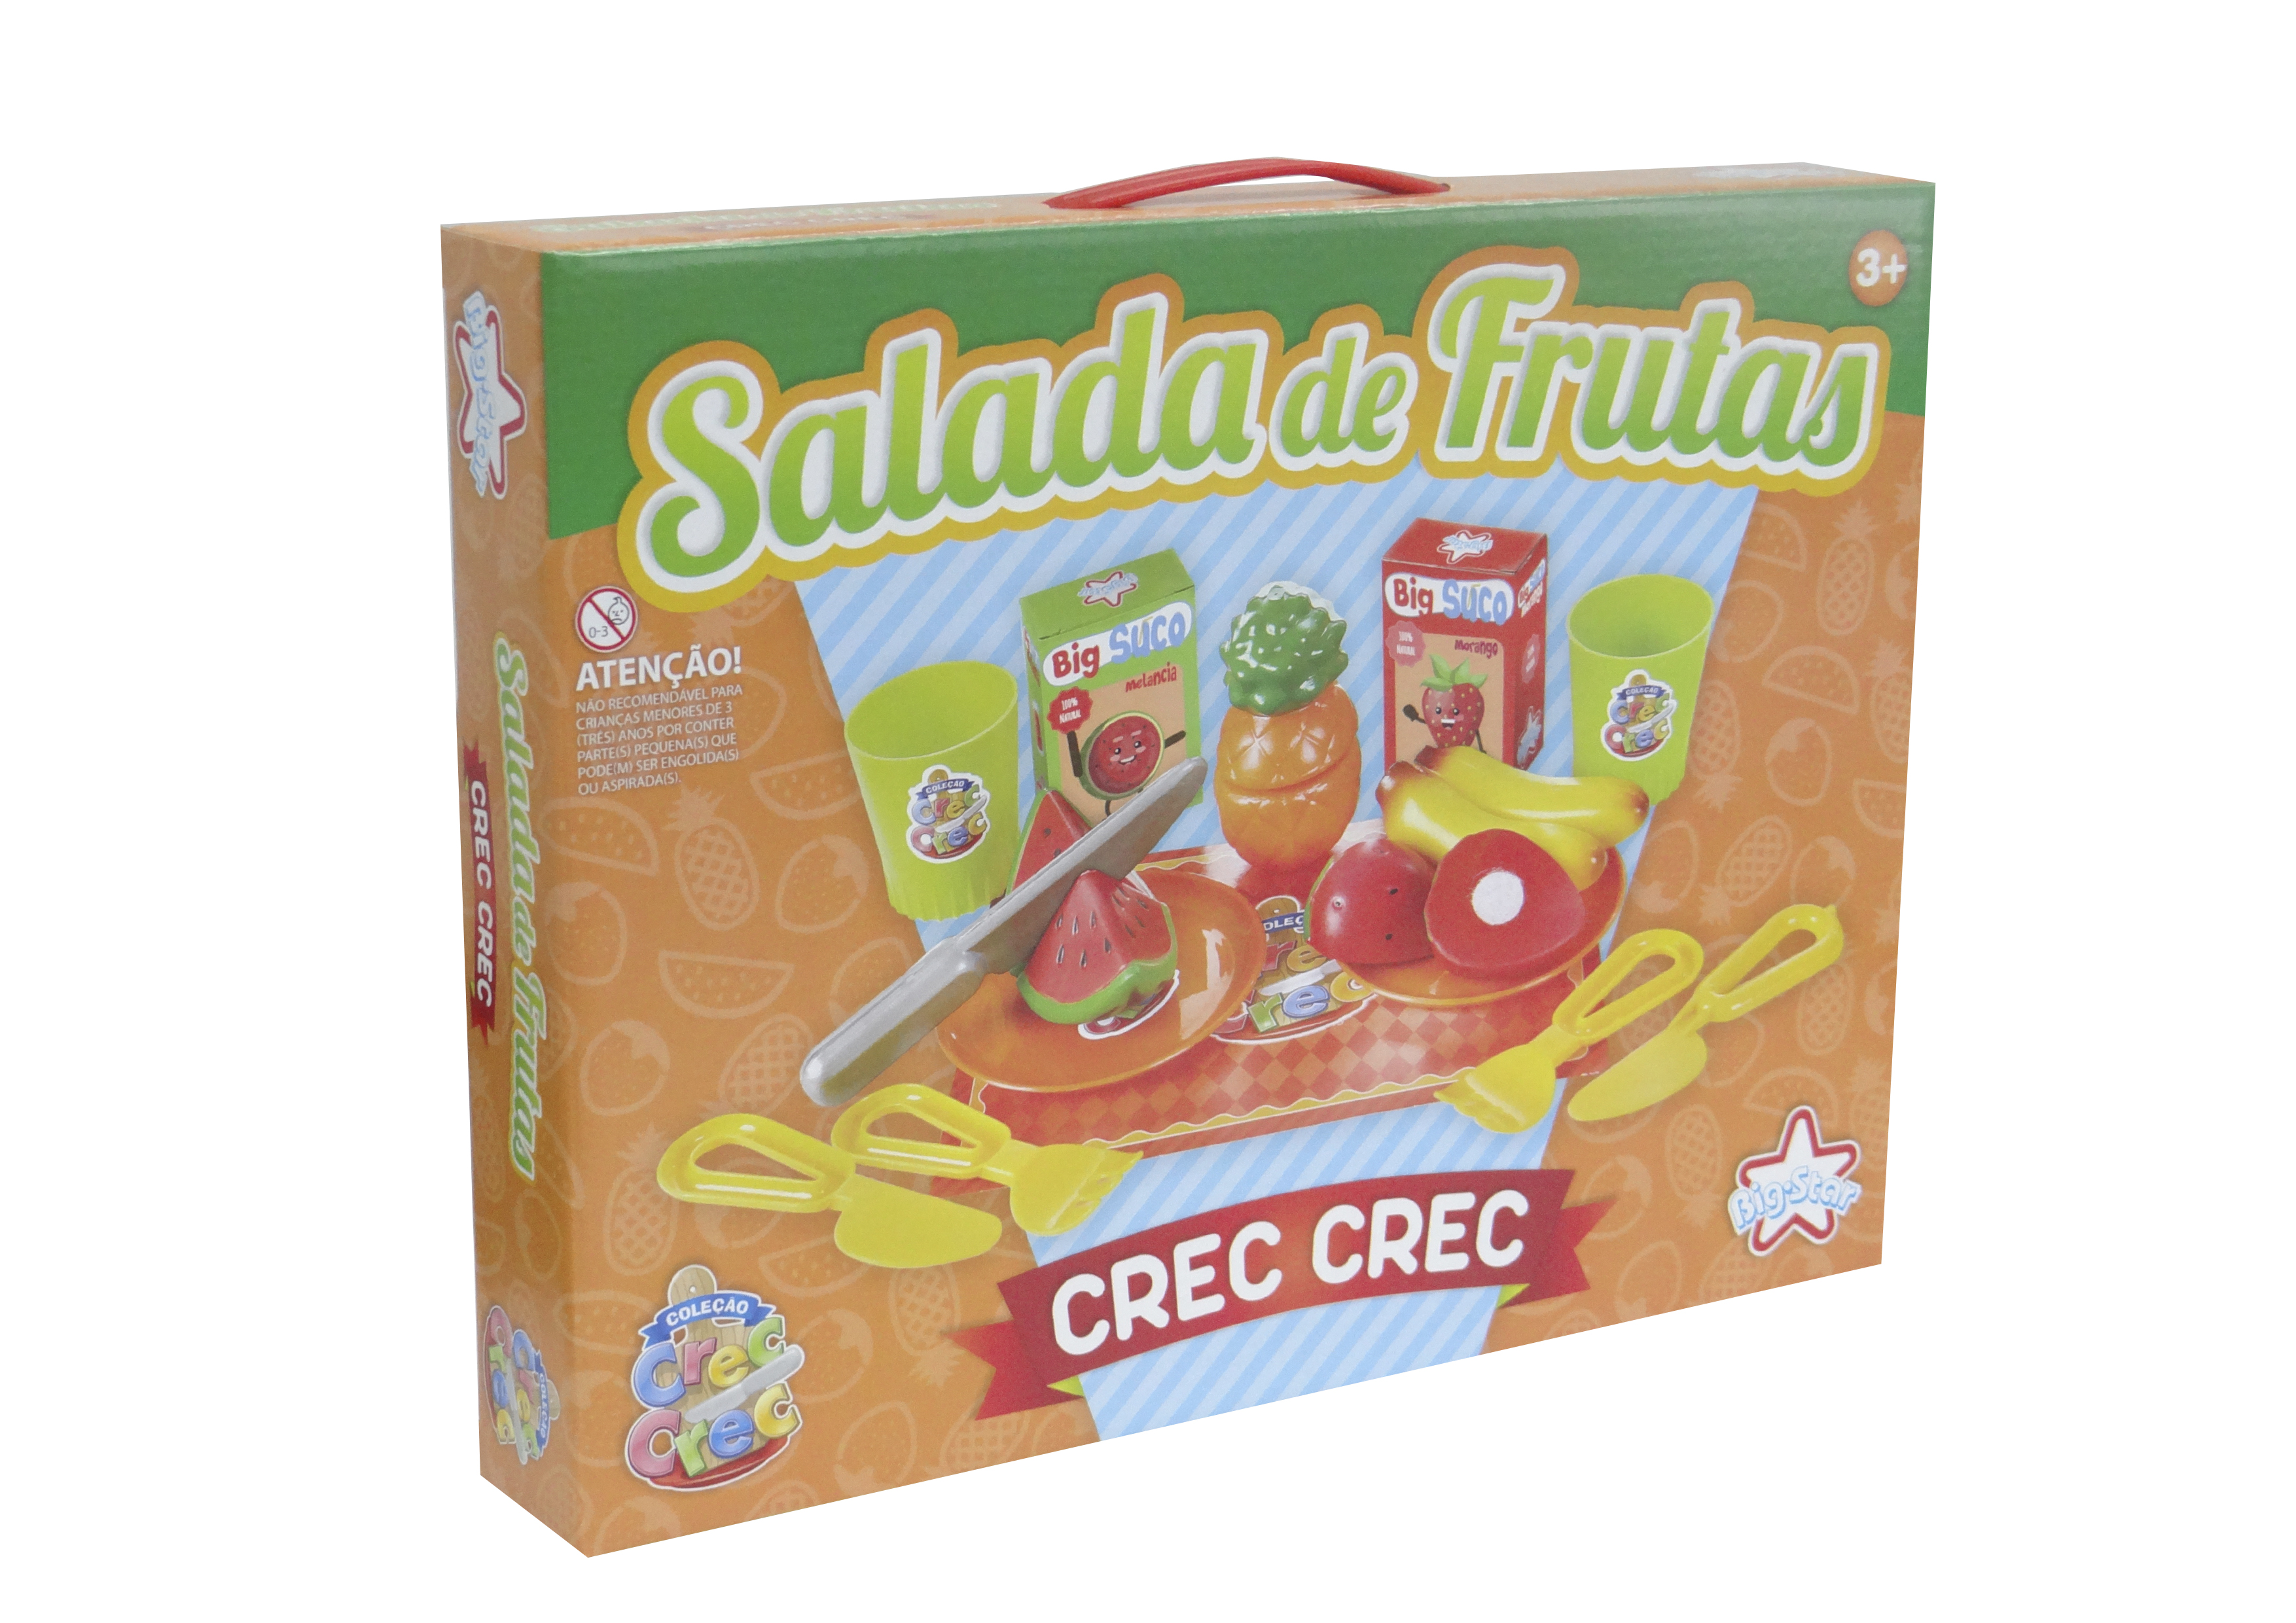 346-CCSF - Crec Crec Salada de Frutas